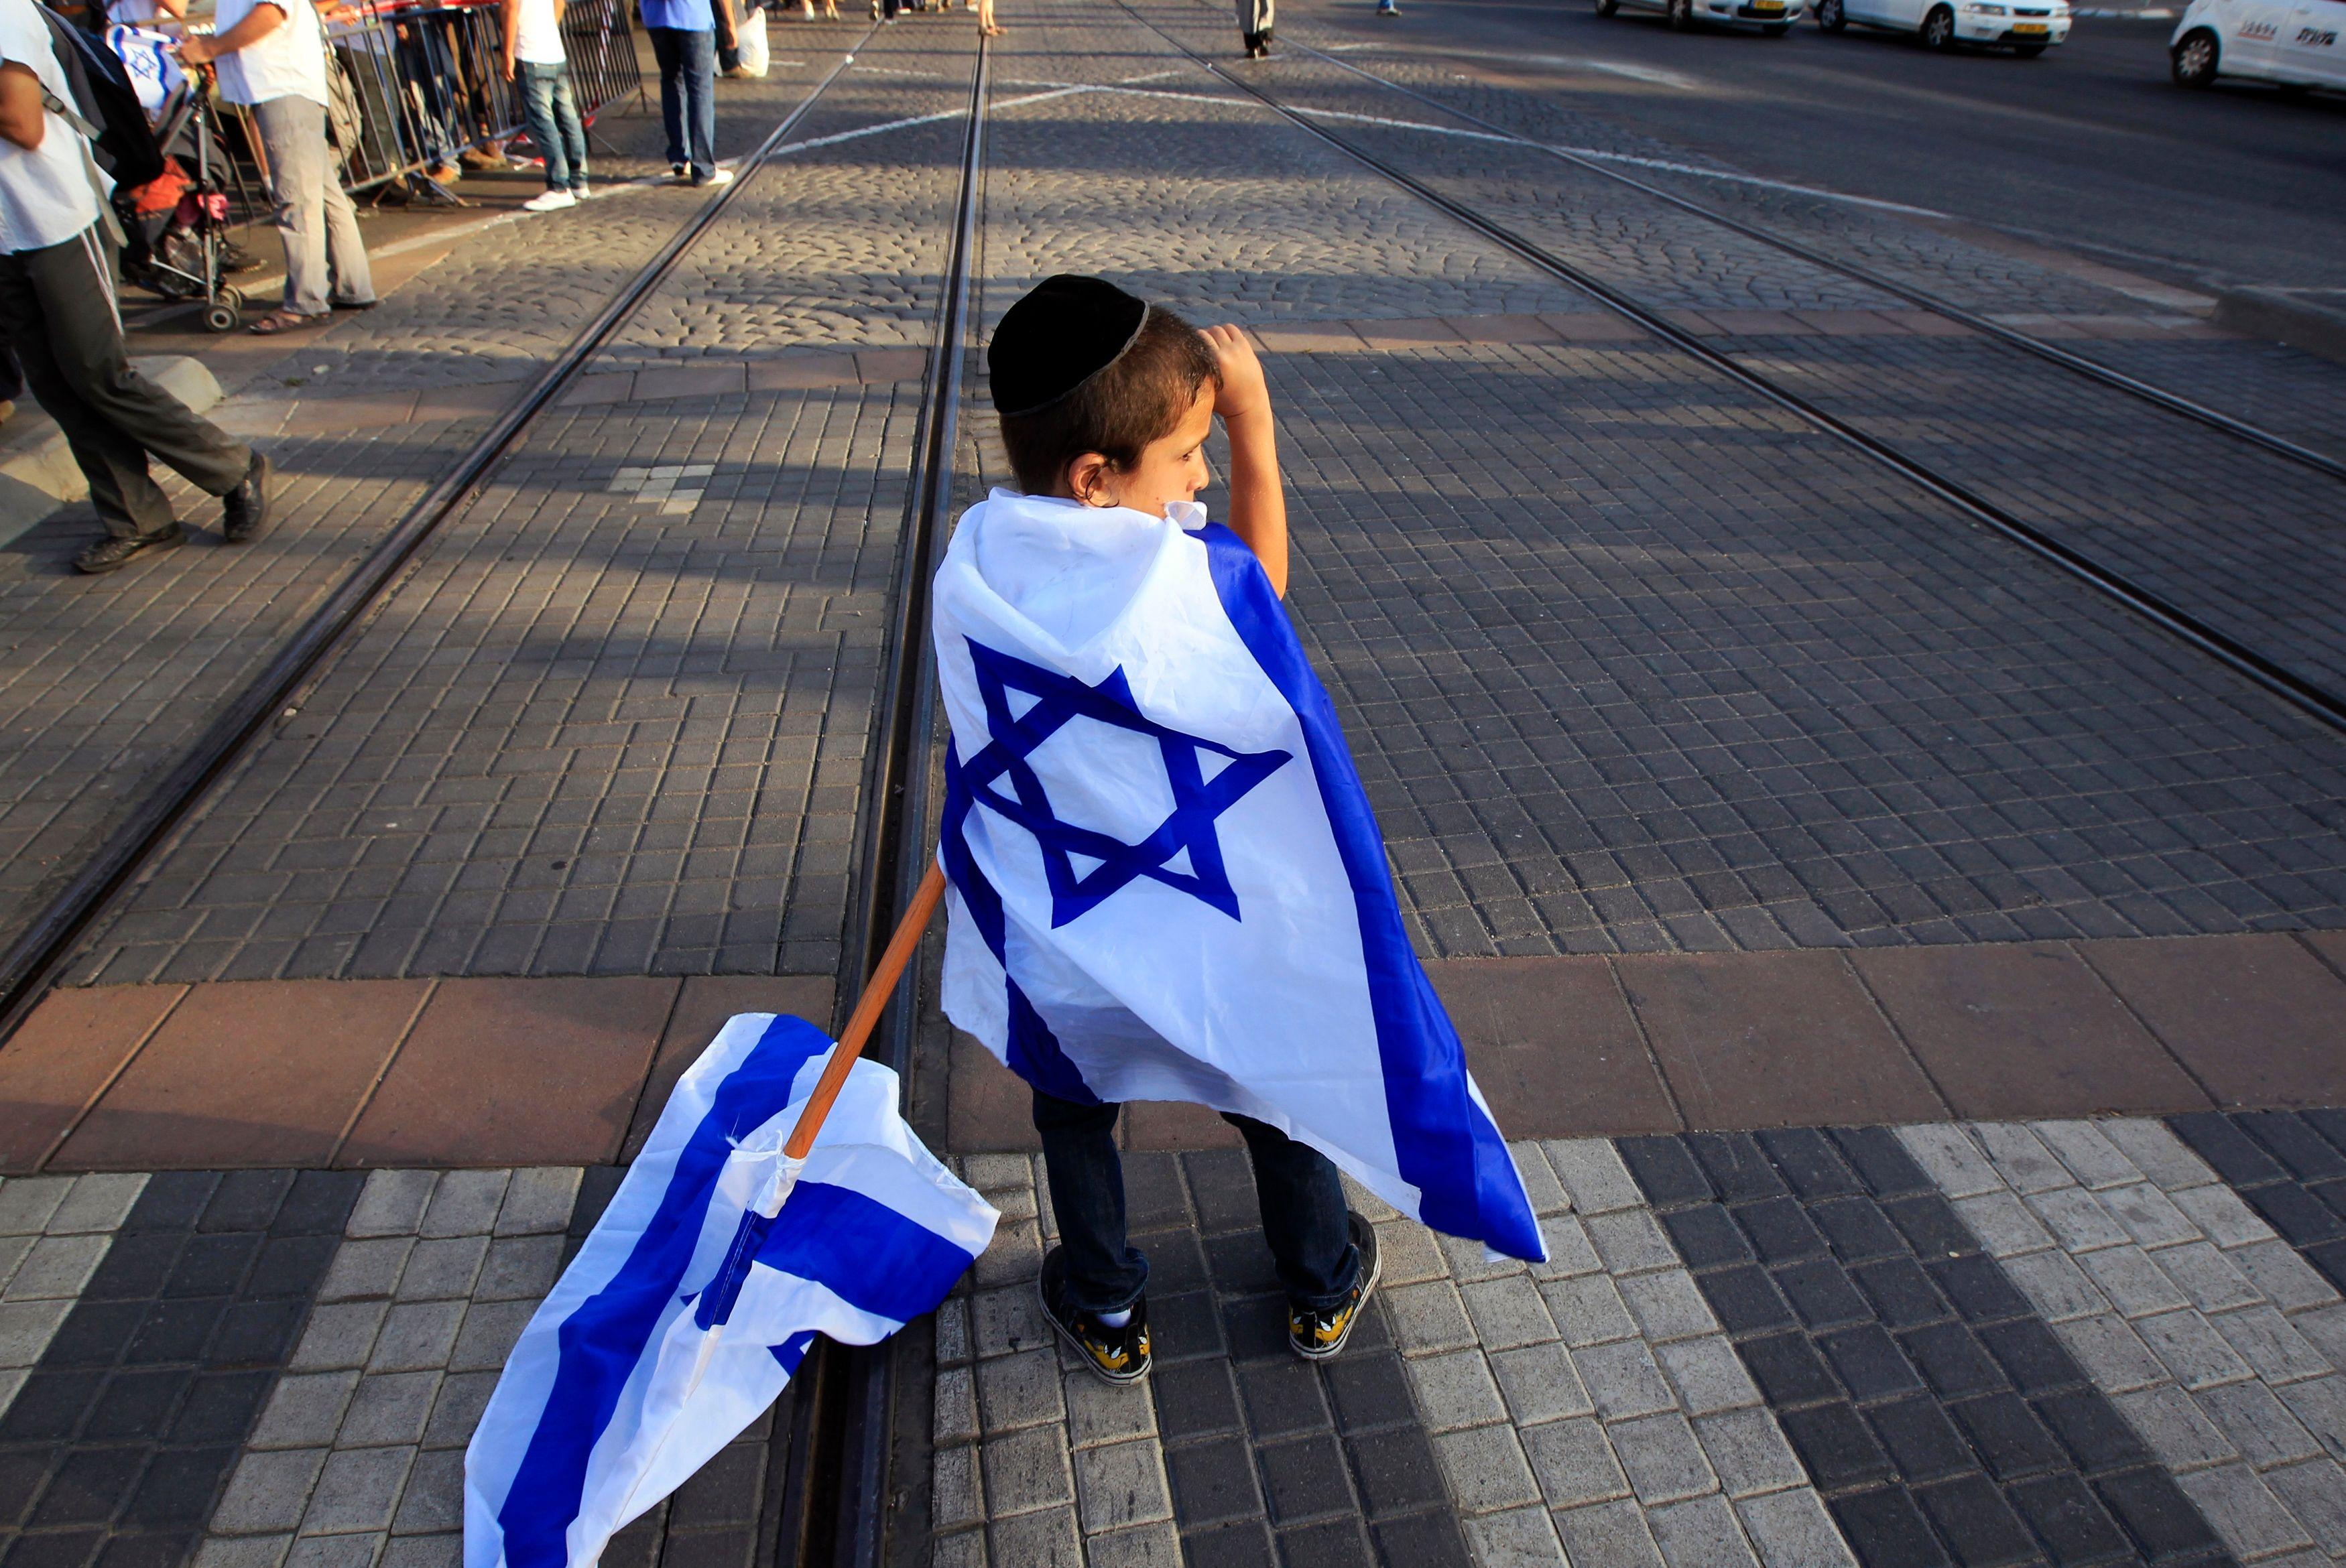 Une manifestation de soutien à Israël aura lieu jeudi à Paris